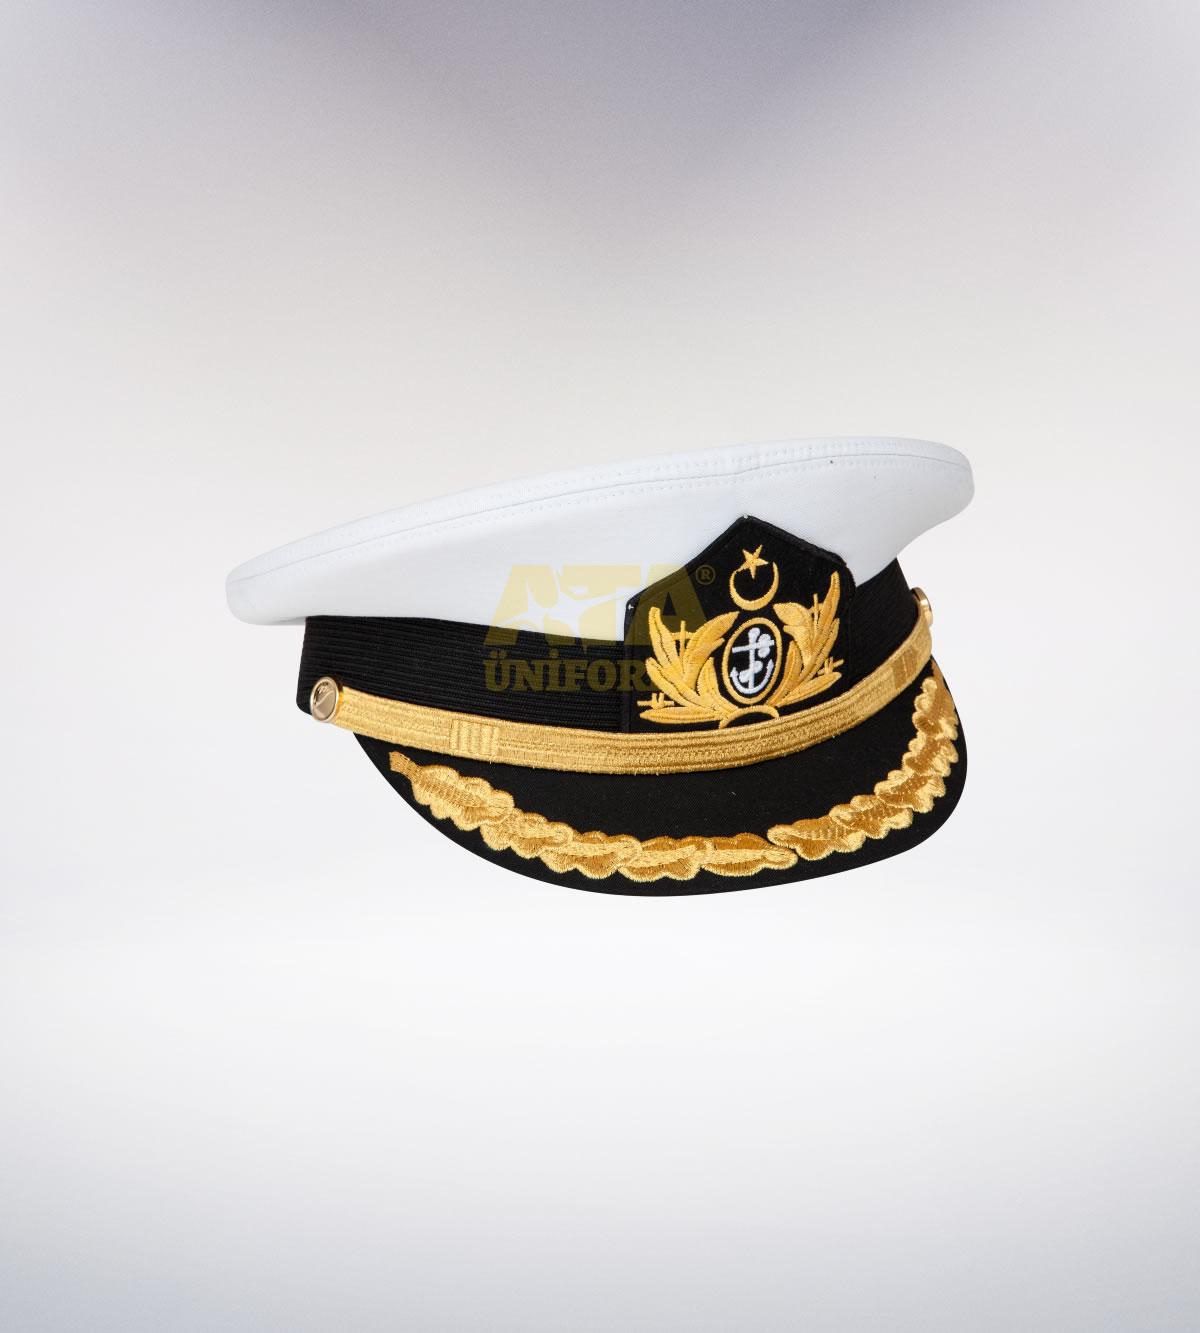 ATA-1097 Deniz tören şapka - deniz elbiseleri | deniz  üniformaları | deniz kıyafetleri